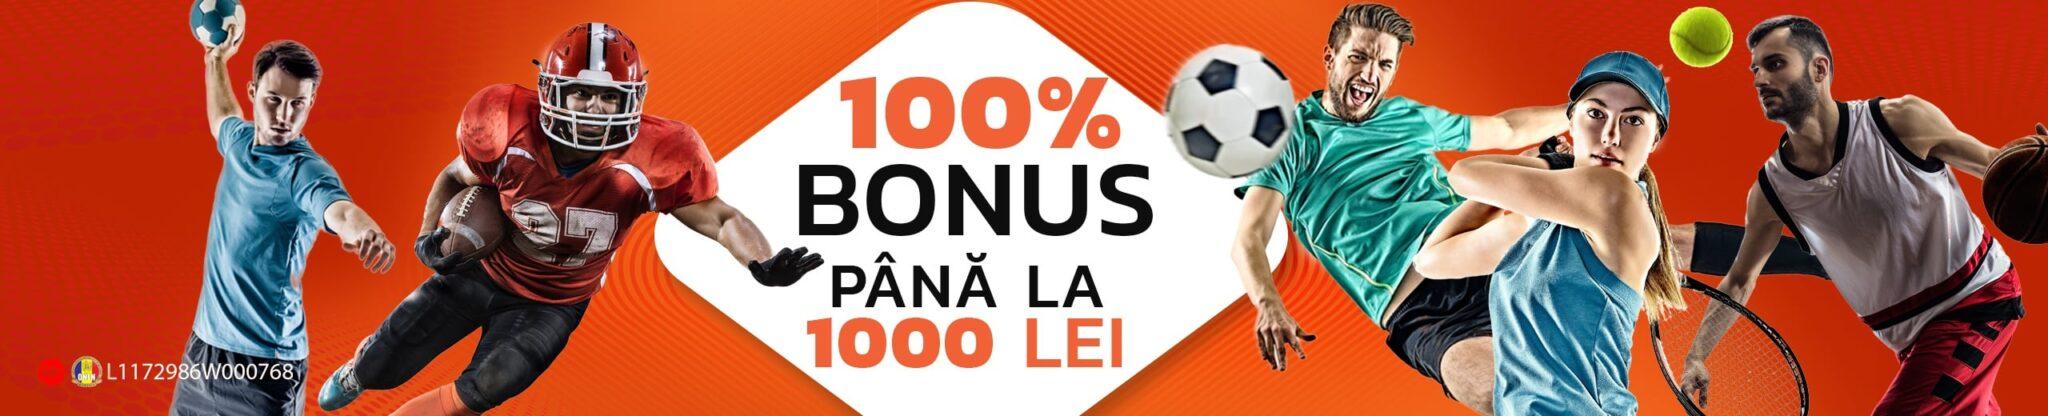 publicwin 1000 lei bonus